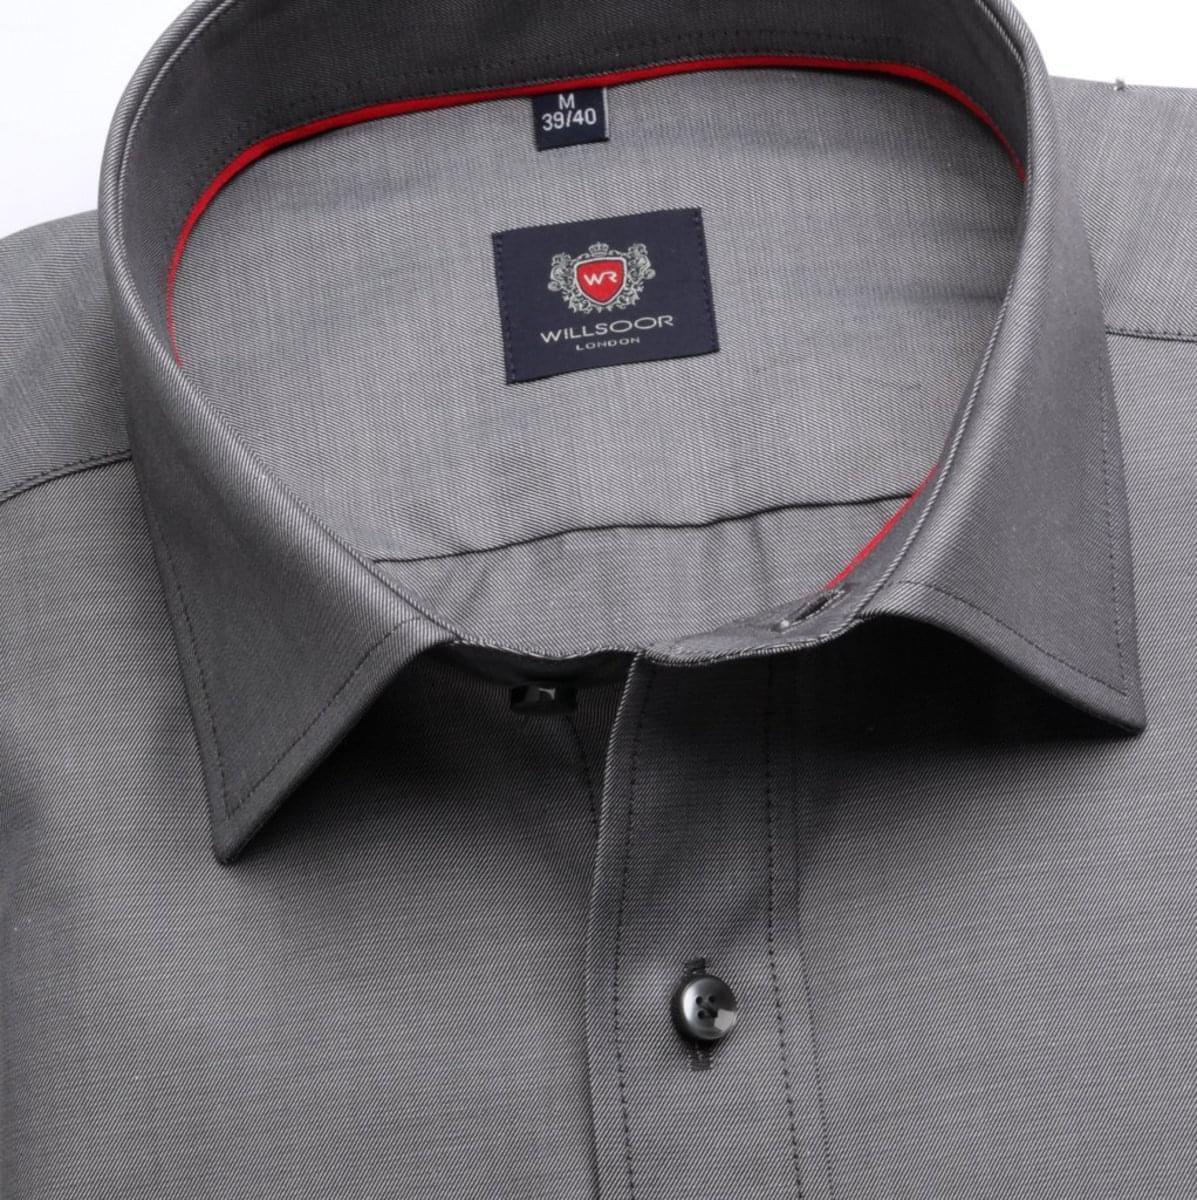 Pánská klasická košile London (výška 176-182) 6746 v šedé barvě s formulí Easy Care 176-182 / XL (43/44)